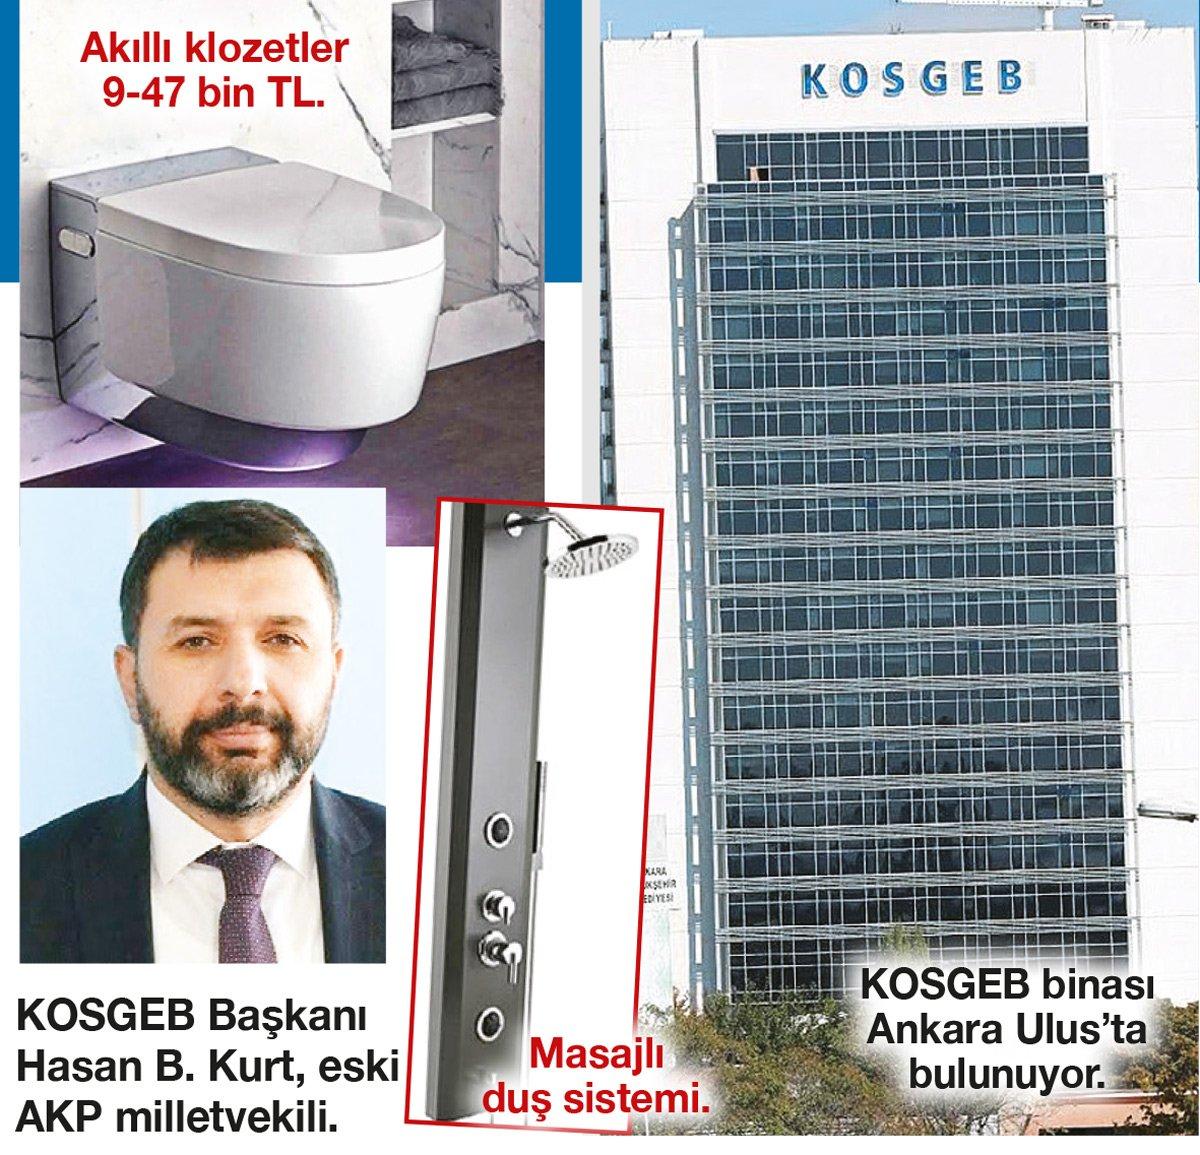 Bürokrata masajlı duş ve akıllı klozet